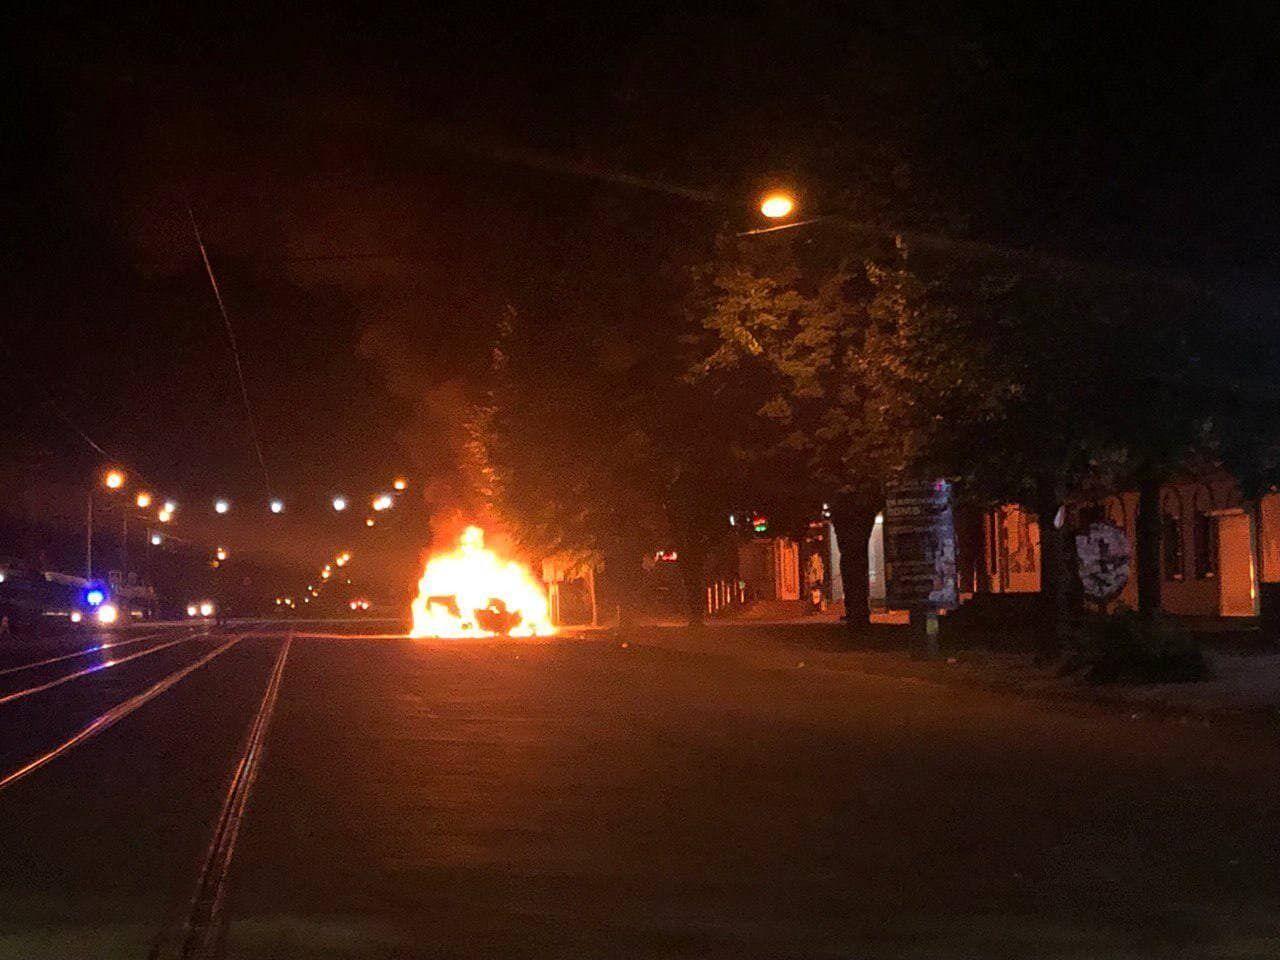 Автомобіль, що горить у центрі міста.